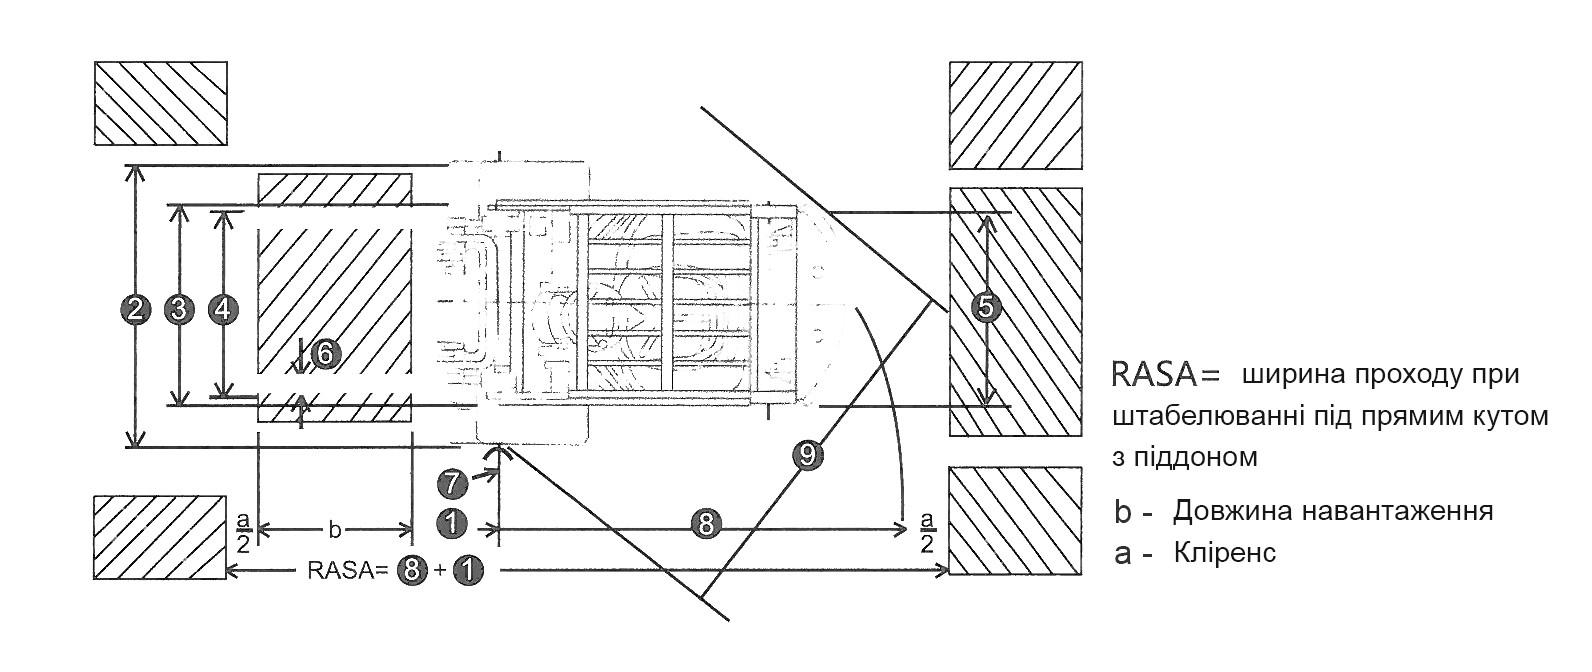 Креслення бензиново-газового вилочного навантажувача TEREN FG18T | Чертежи бензиново-газовой вилочного погрузчика TEREN FG18T